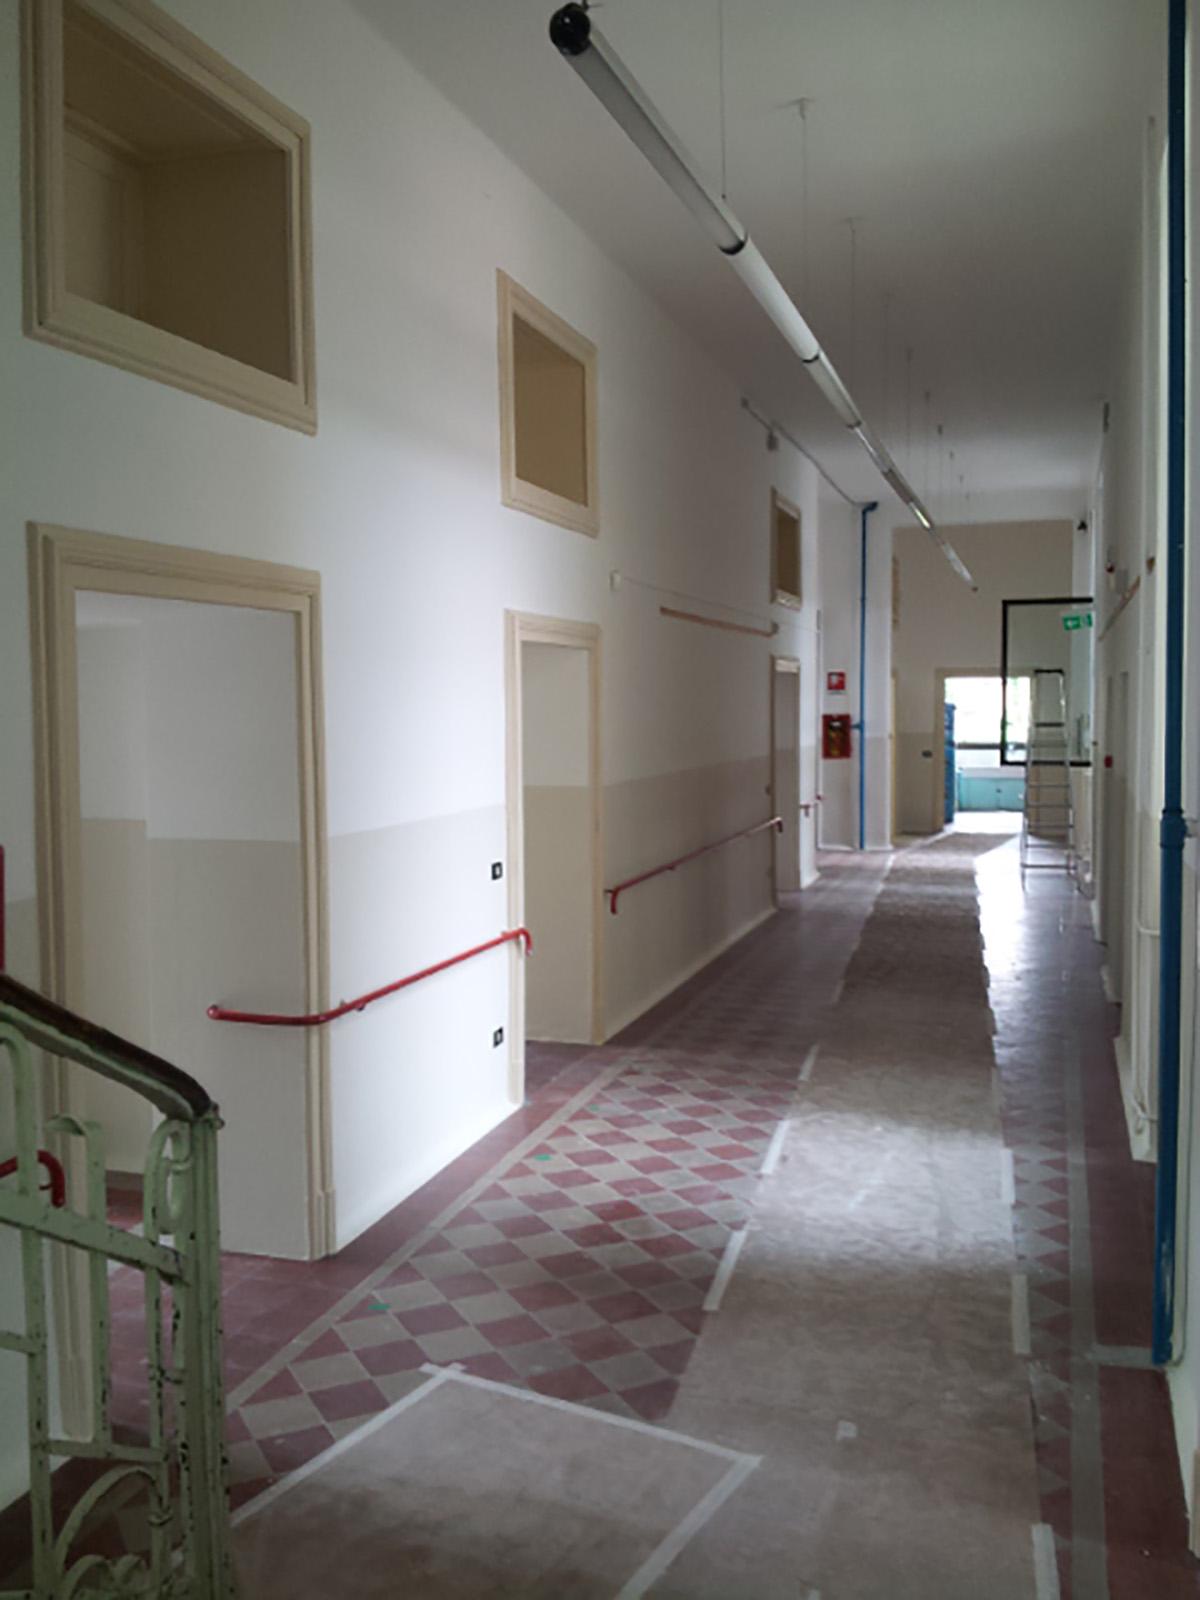 Perico-Renato-Pradalunga (BG) - Scuola comunale - Manutenzione straordinaria 10